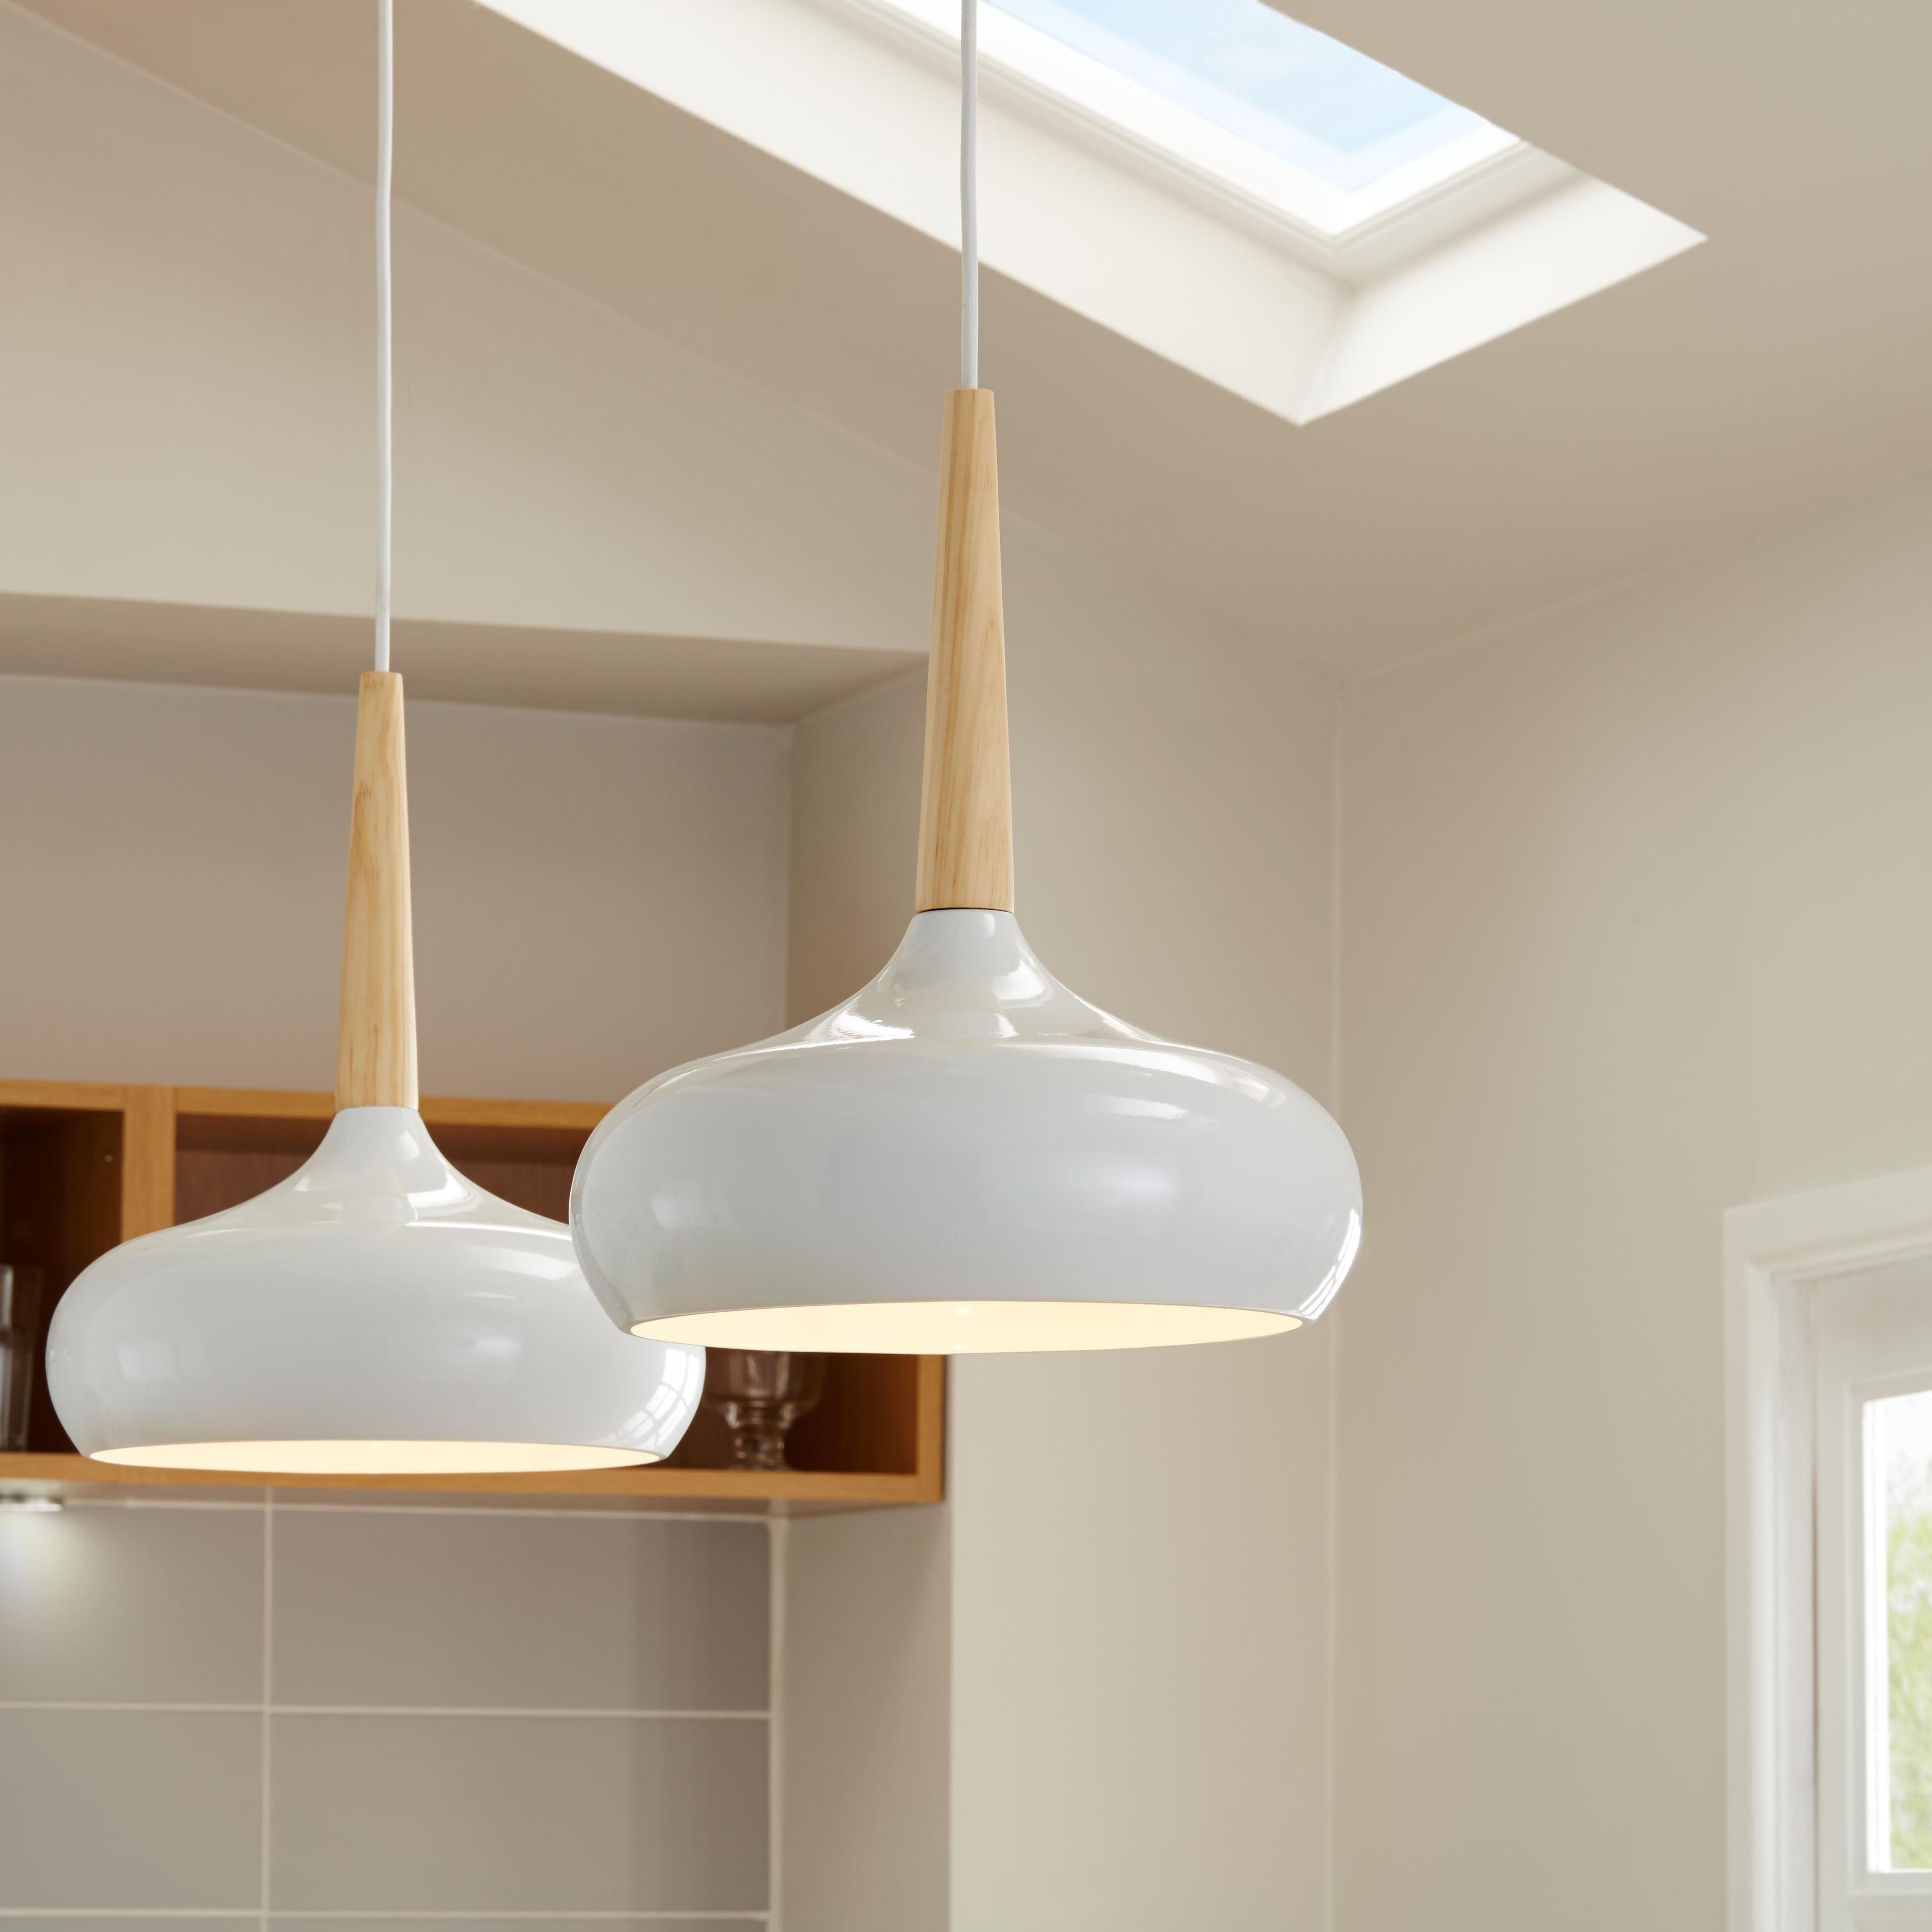 kitchen lights kitchen ceiling lights spotlights rh diy com ceiling lights for kitchen over island ceiling lights for kitchen lowes